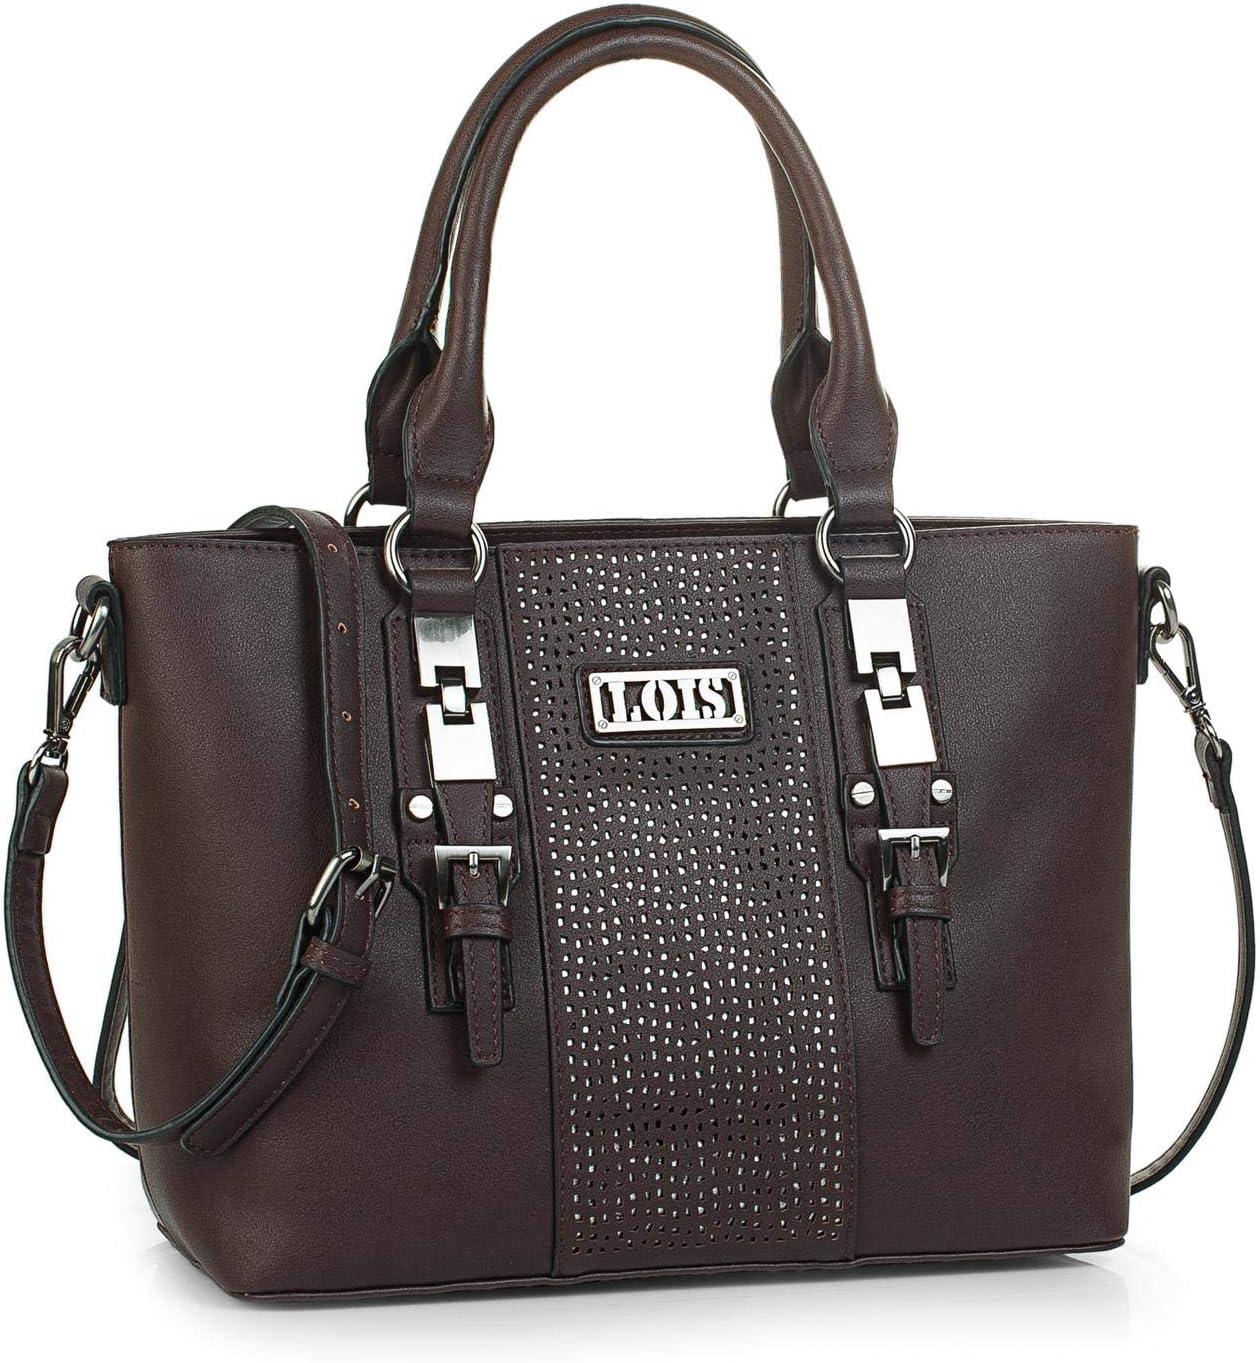 Lois - Bolso de Mujer Grande Tipo Shopping. Cuero PU con Hebillas. cómodo y para Viaje Compras o Diario. Bueno Bonito y Elegante. Calidad y Moda. 95881, Color Marron